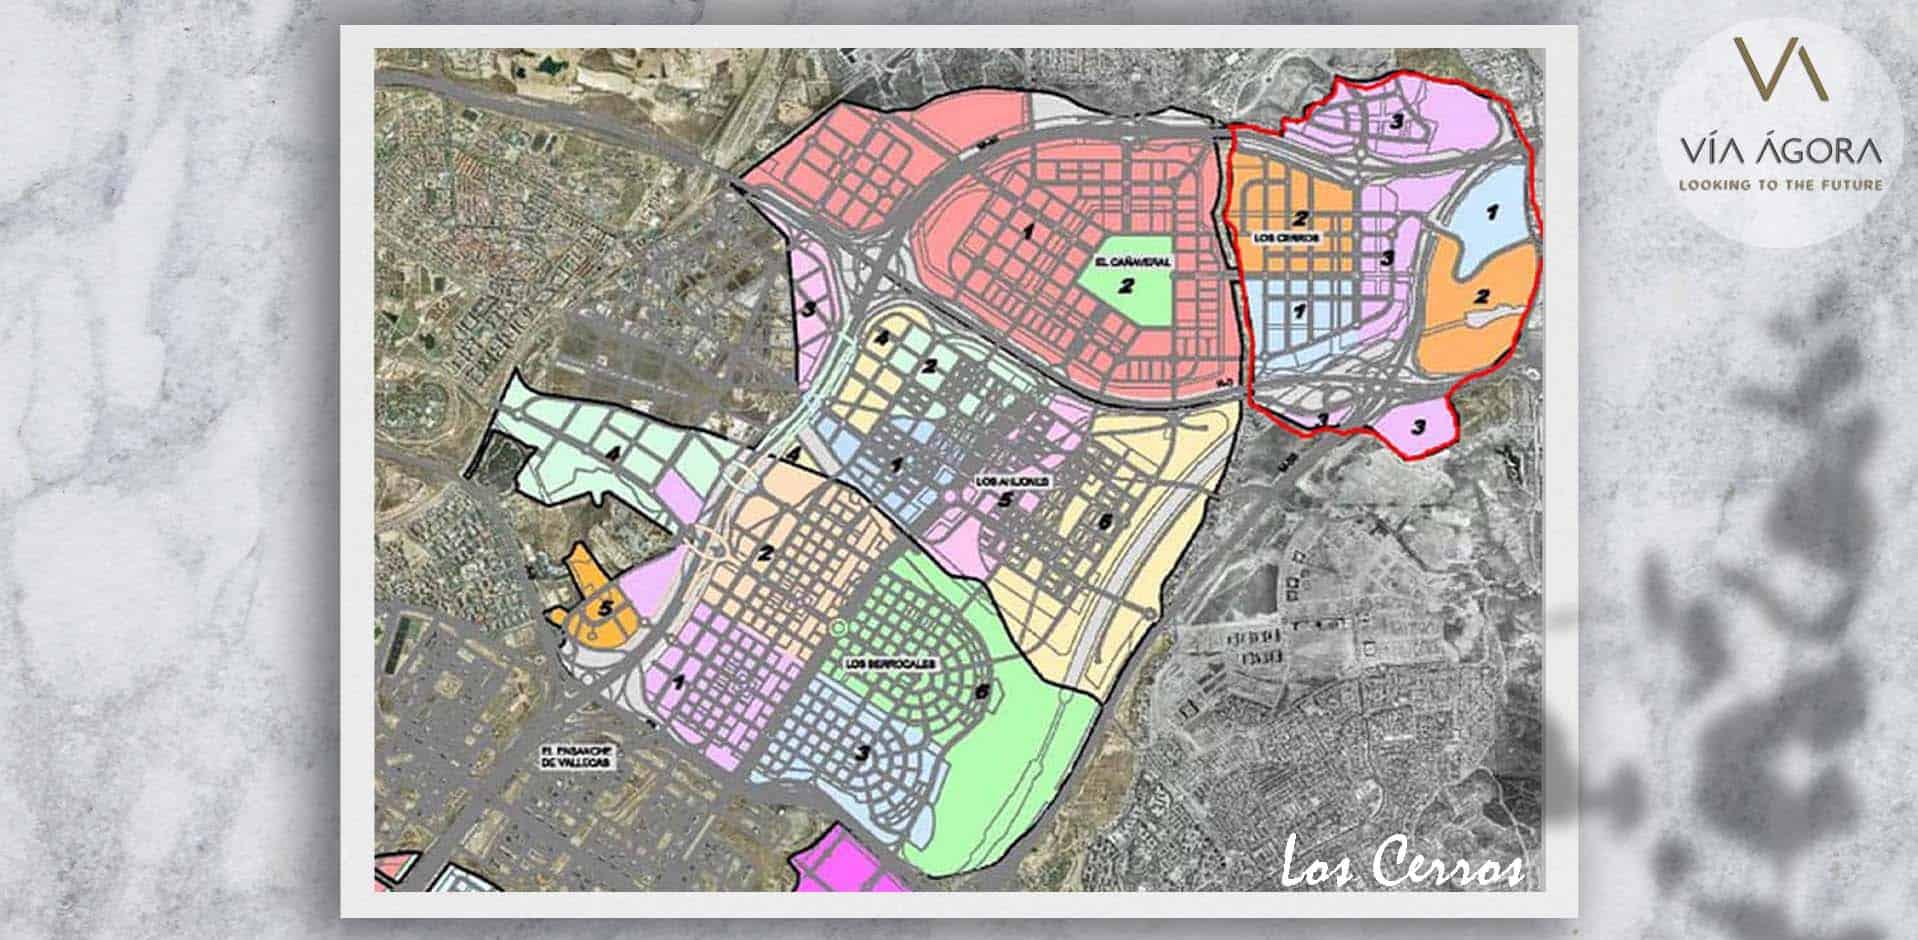 via agora - promotora inmobiliaria - historia suelos - los cerros - 2